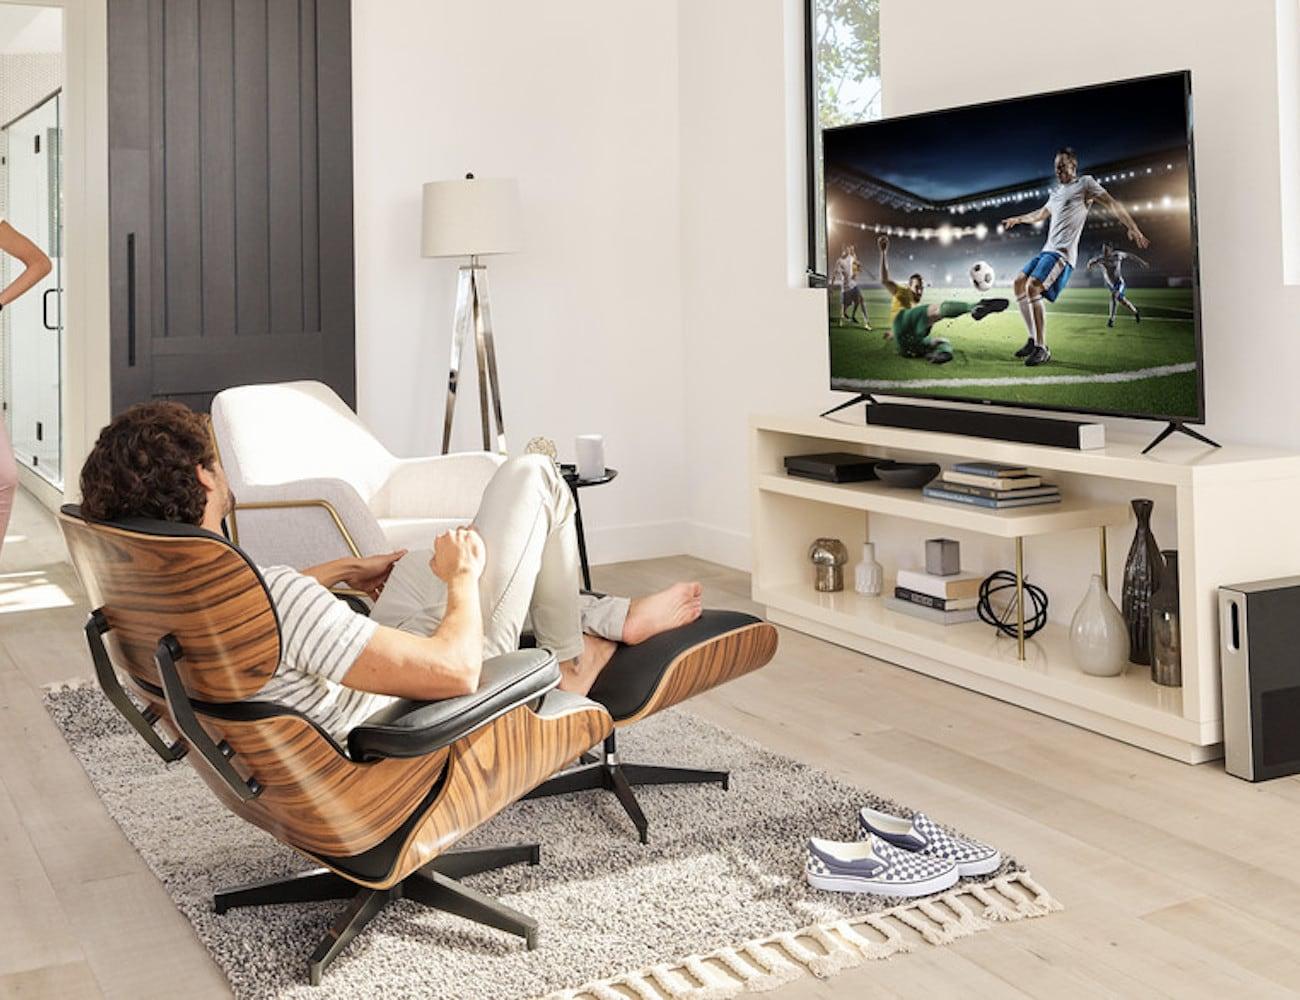 Vizio P-Series Quantum X 4K HDR TV